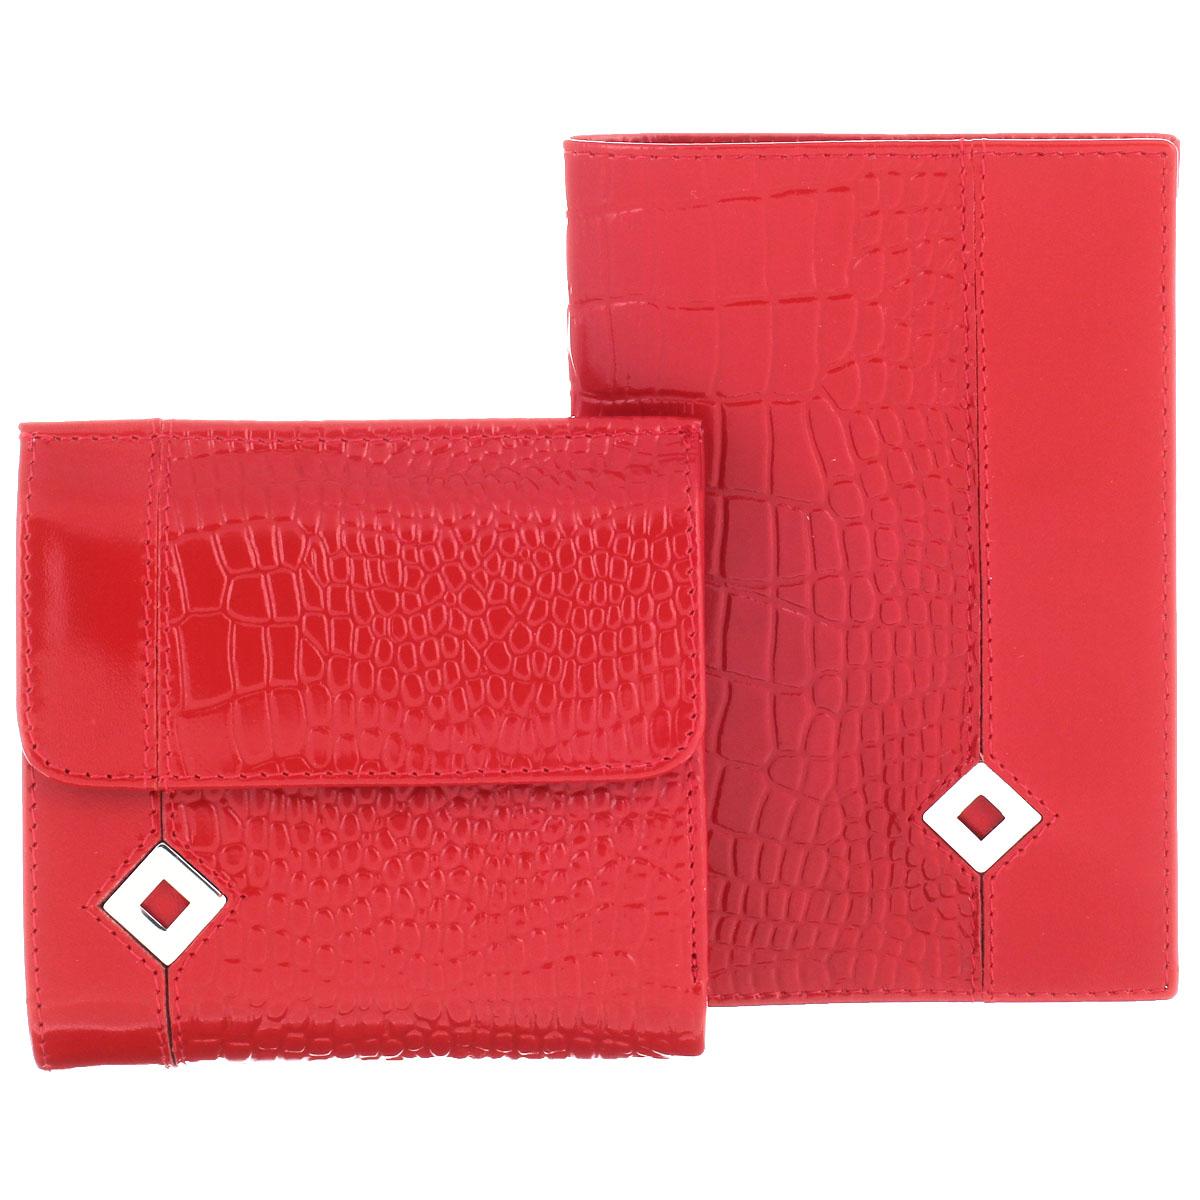 Подарочный набор Dimanche Papillon Rouge: обложка для паспорта, кошелек, цвет: красный. 101/05101/05Изысканный набор Dimanche Papillon Rouge состоит из обложки для паспорта и кошелька. Обе модели изготовлены из высококачественной натуральной кожи и декорированы тиснением под кожу рептилии, а также металлической пластиной в форме ромба на лицевой стороне. Обложка для паспорта с внутренней стороны отделана атласным текстилем. Внутри - два прозрачных боковых кармана из пластика, которые обеспечат надежную фиксацию вашего документа. Кошелек с обеих сторон закрывается хлястиками на кнопки. Внутри - два отделения для купюр, врезной карман на молнии, три боковых кармана (один - с окошком из прозрачного пластика) и три прорези (одна предназначена для SIM-карты). Лицевая сторона изделия дополнена отсеком для мелочи. Набор упакован в стильные фирменные коробки. Роскошный набор Dimanche Papillon Rouge  подчеркнет вашу индивидуальность и безупречный вкус, а также станет замечательным подарком человеку, ценящему качественные и практичные вещи.